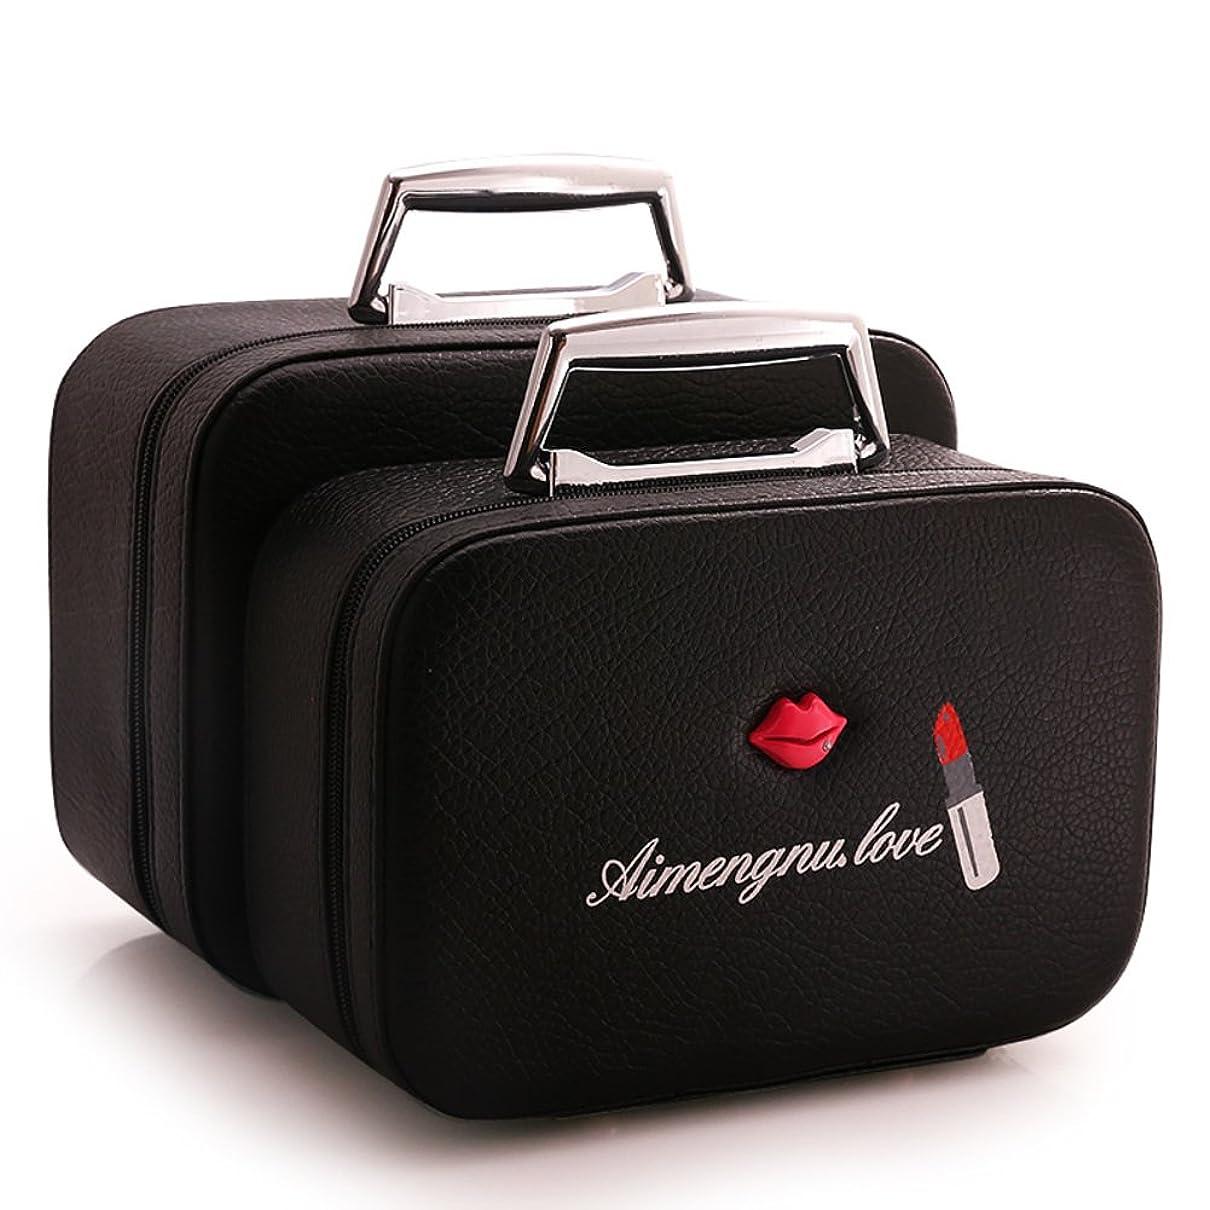 背の高い暴動初期化粧ポーチ 小さい, 化粧バッグ旅行 ポータブル な 大容量 かわいい 多機能 唇 収納ボックス 女性化粧品バッグ-黒 25x12x18cm(10x5x7inch)